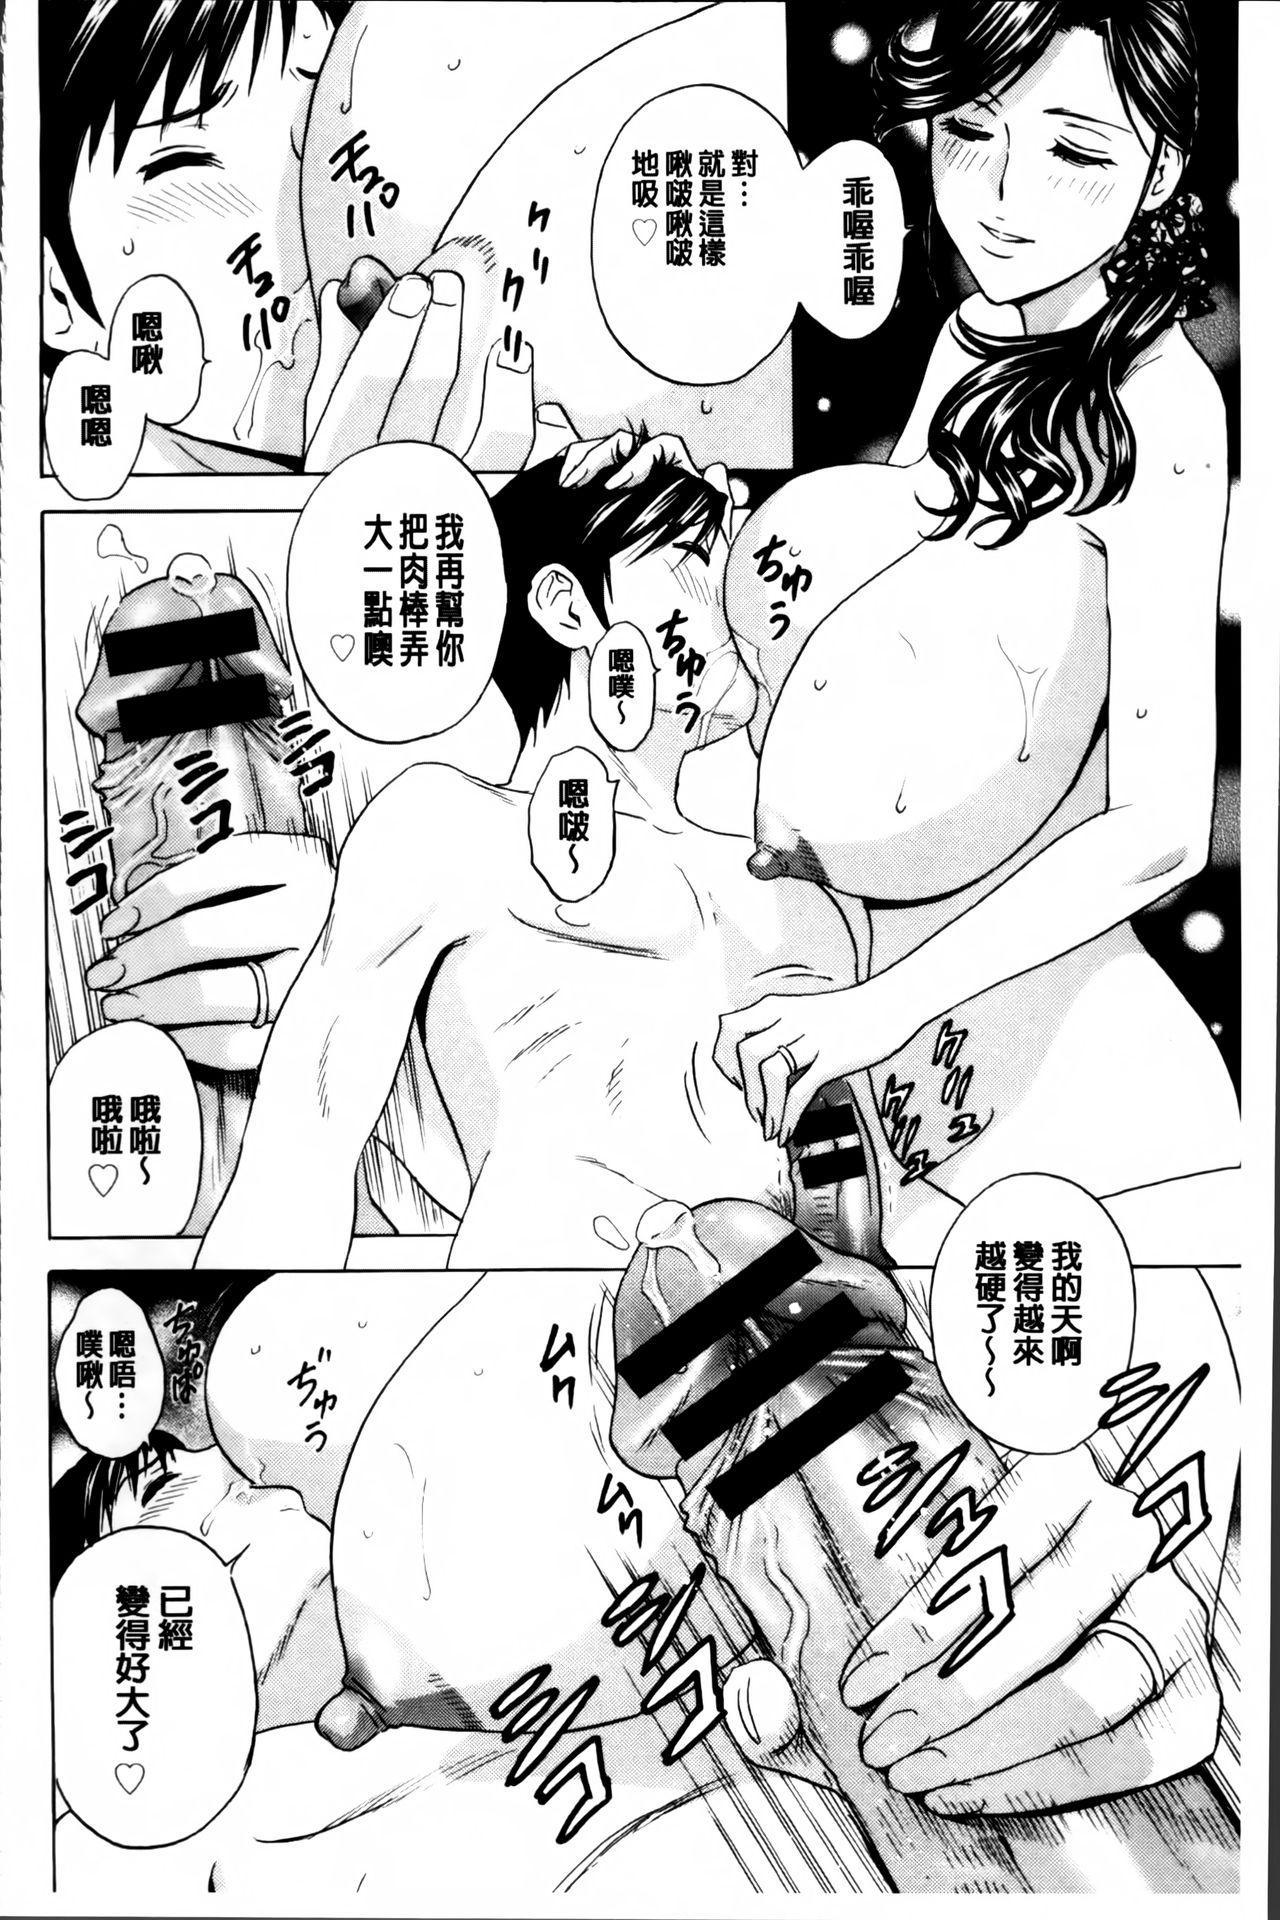 Midara Shimai Asobi 114